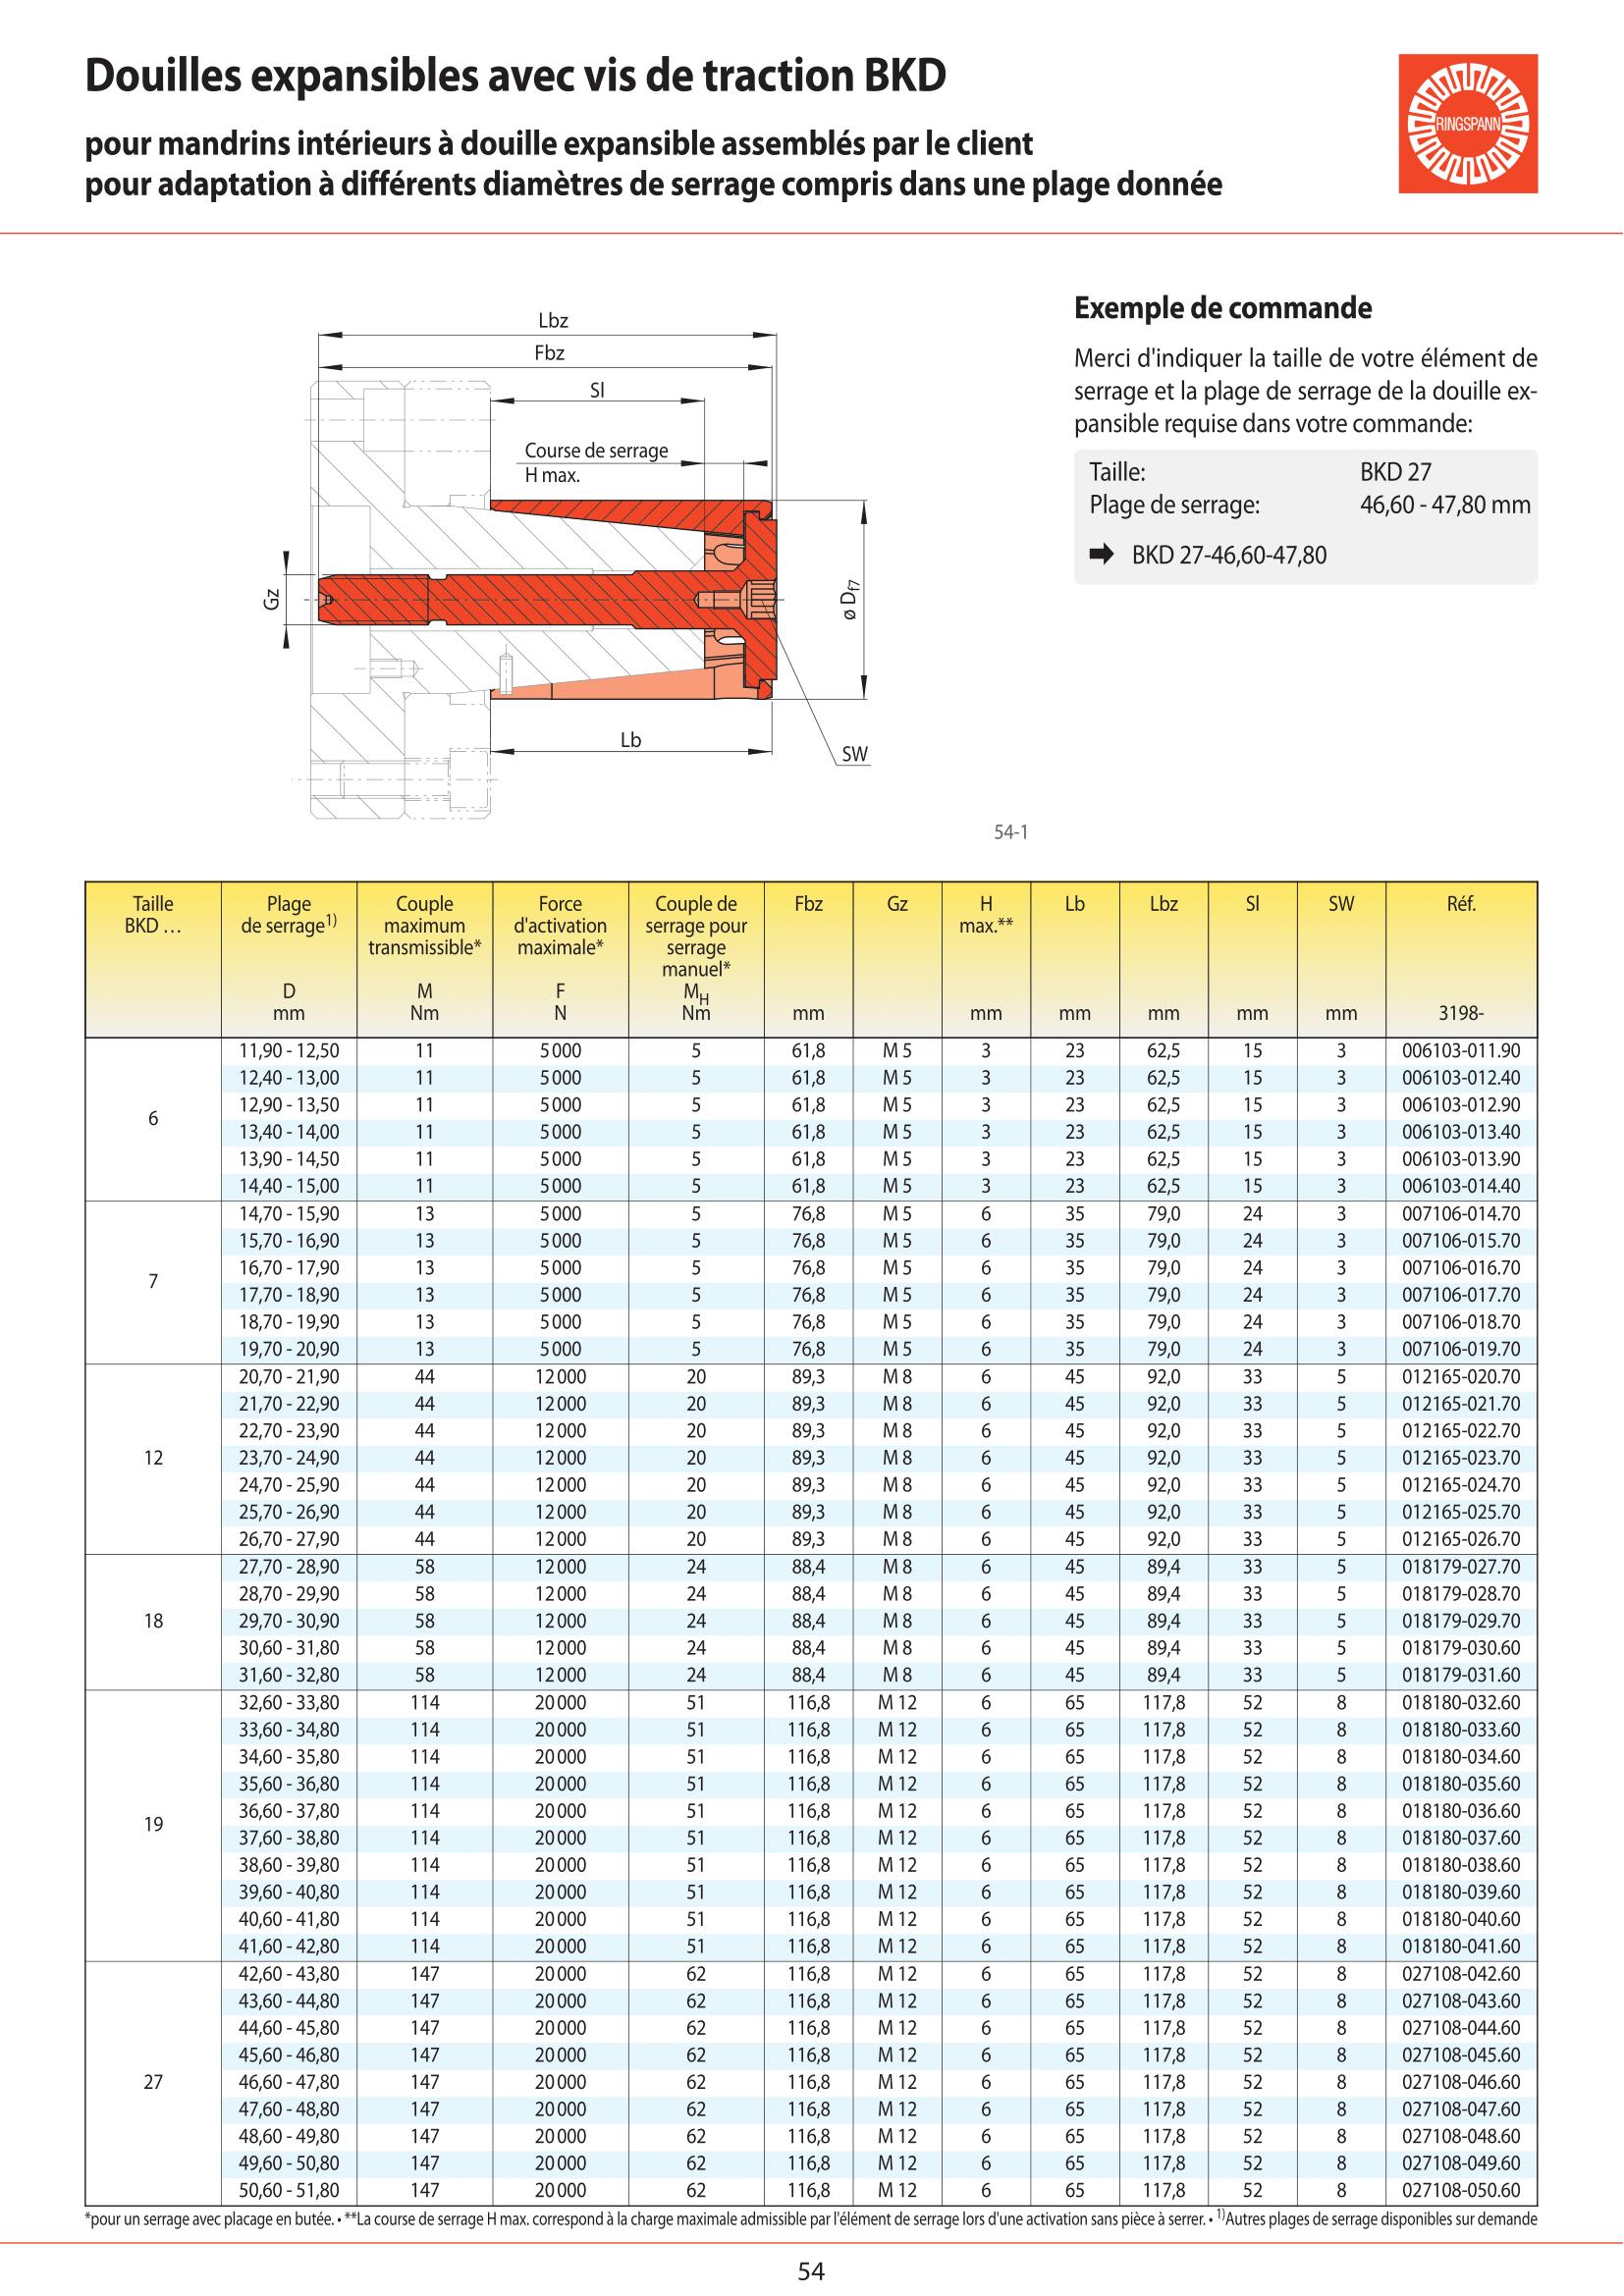 Fiche technique - BKDF page 3